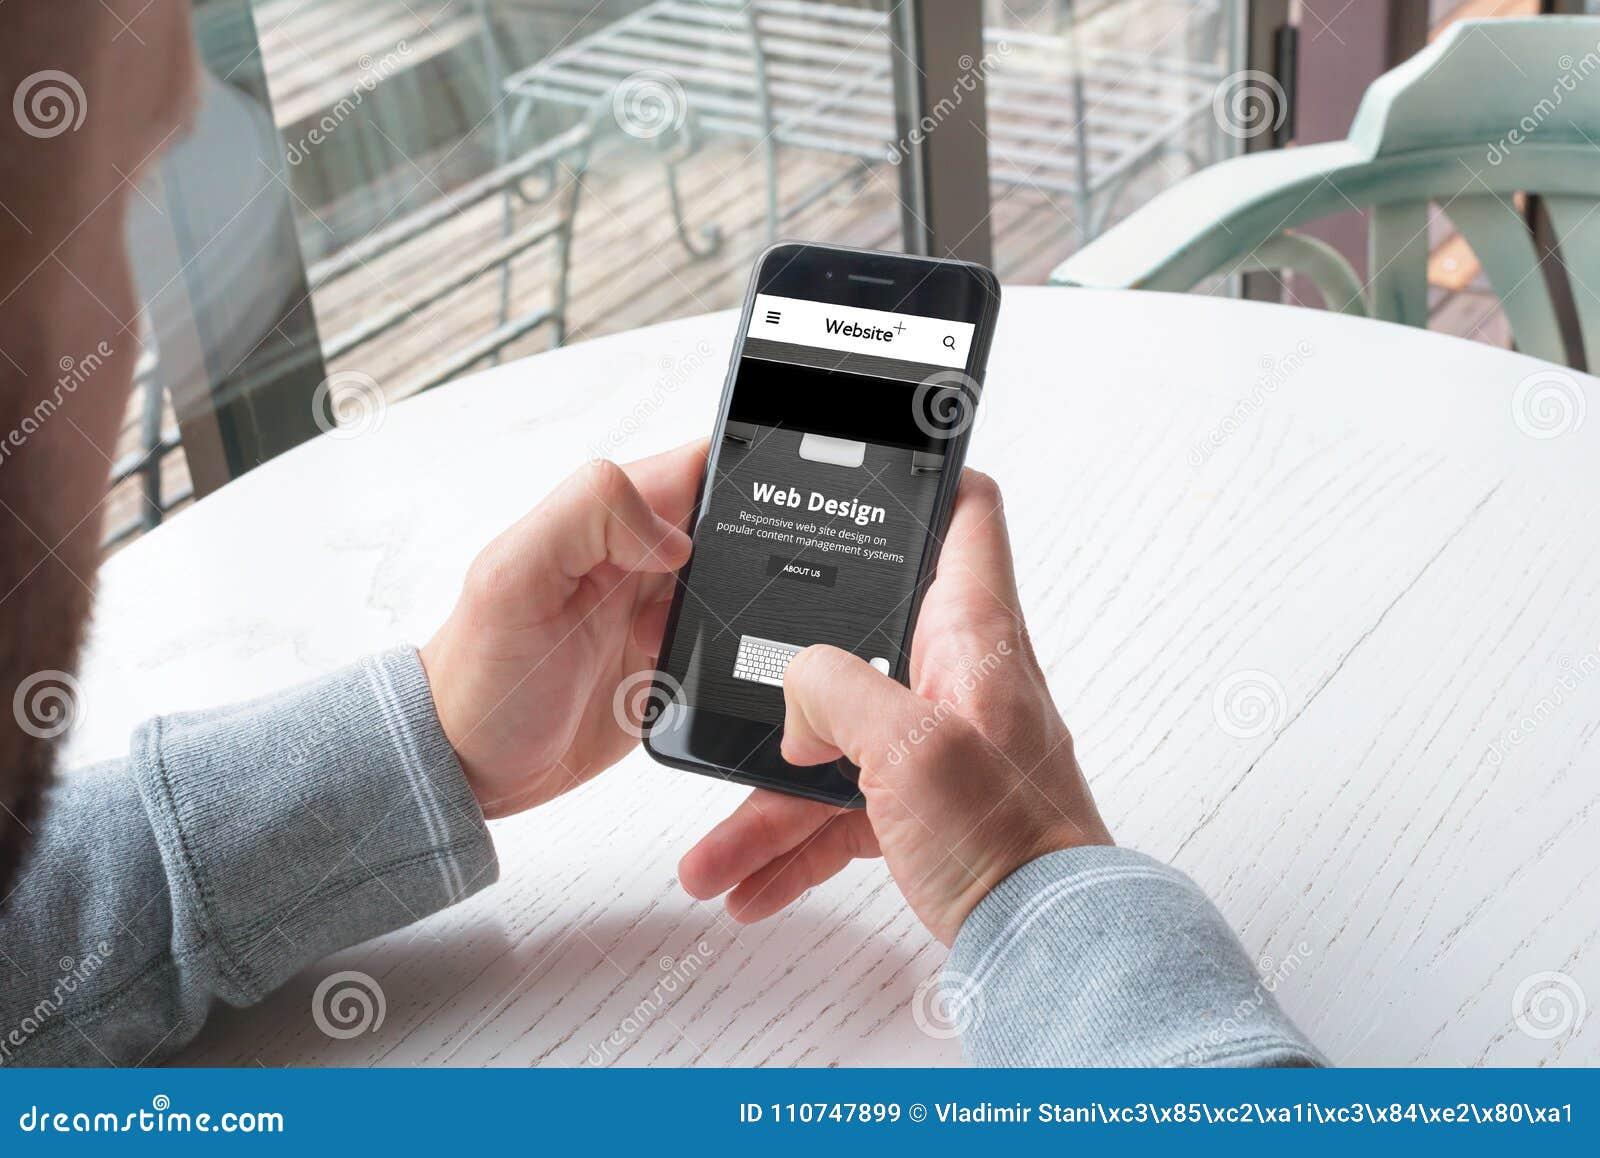 Απαντητική επιχείρηση σχεδίου ιστοχώρου OD στο κινητό τηλέφωνο στα χέρια ατόμων